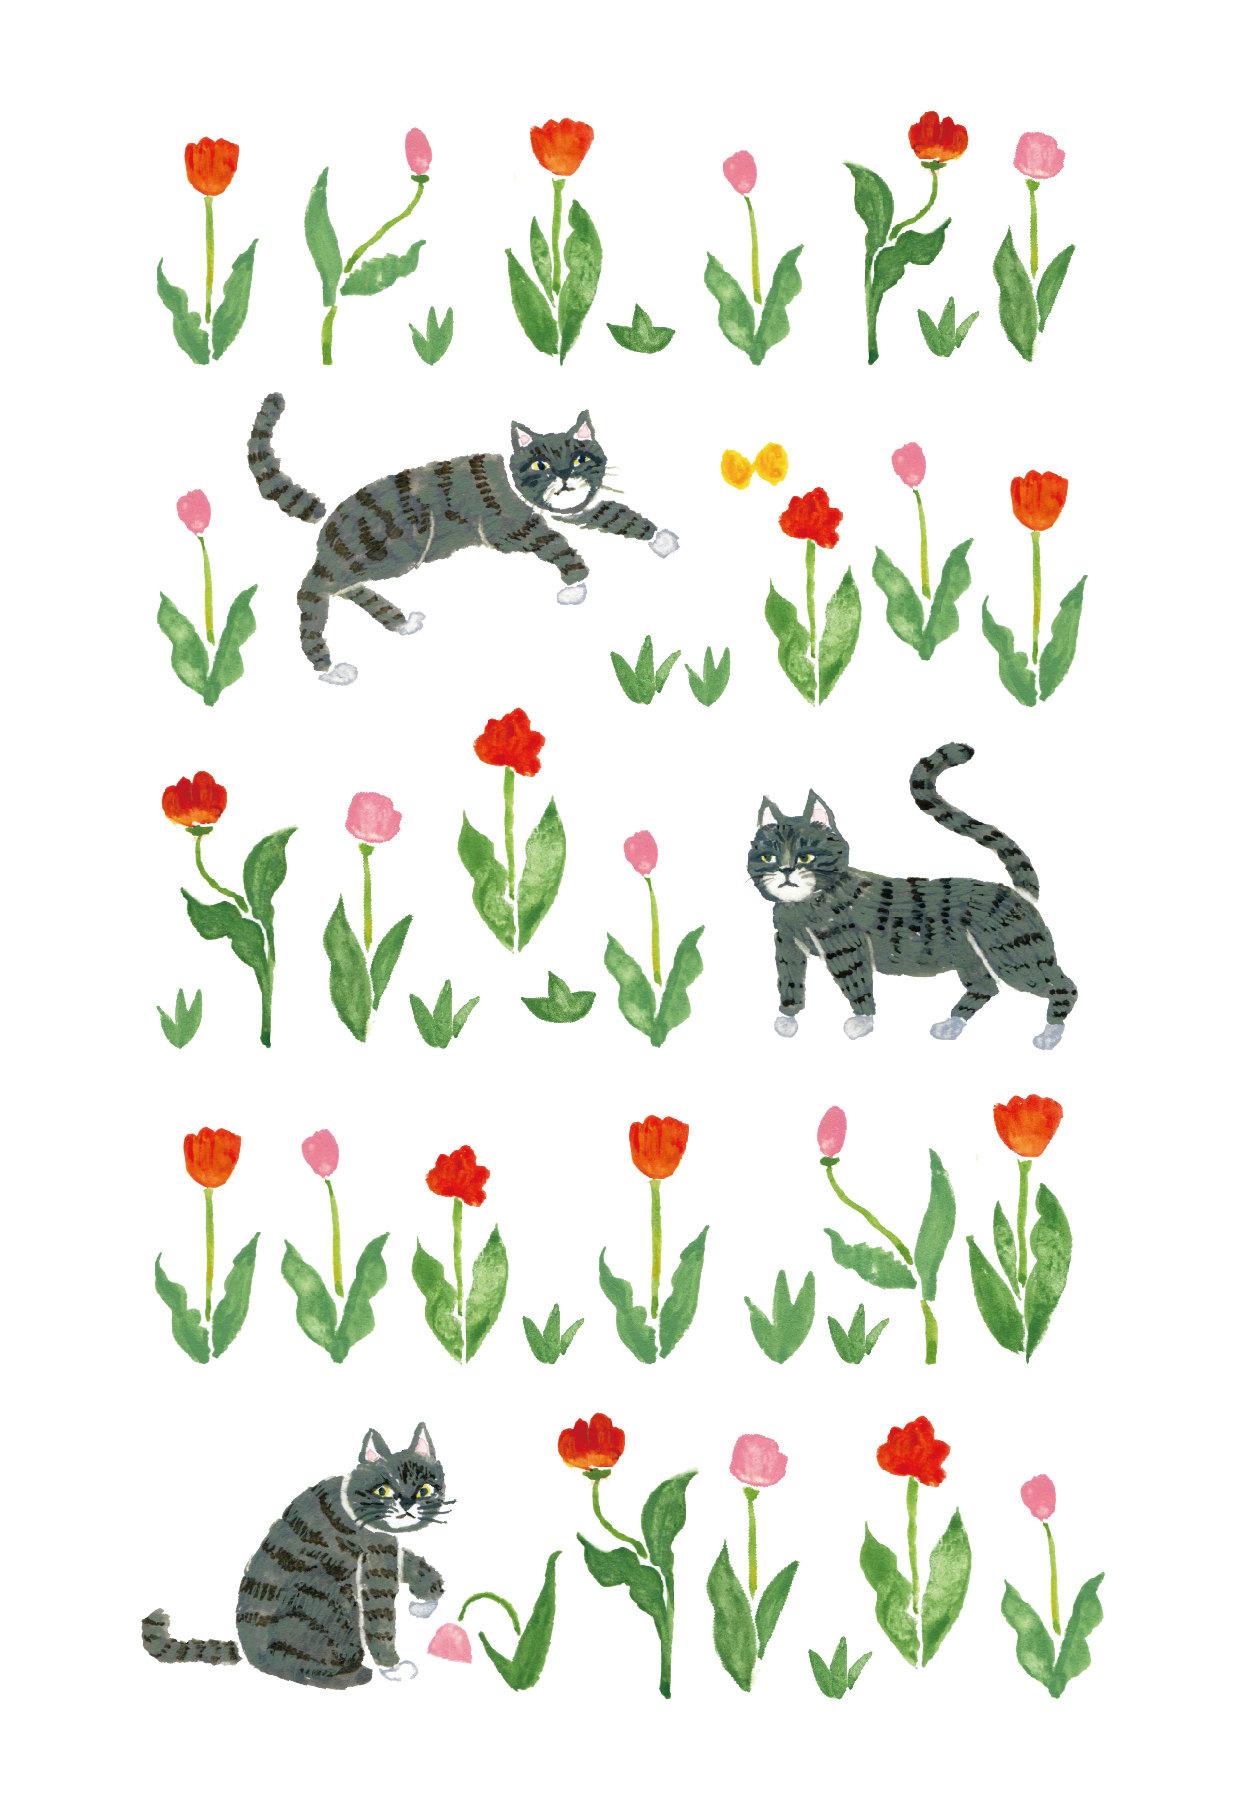 Botanical_postcard3-01.jpg